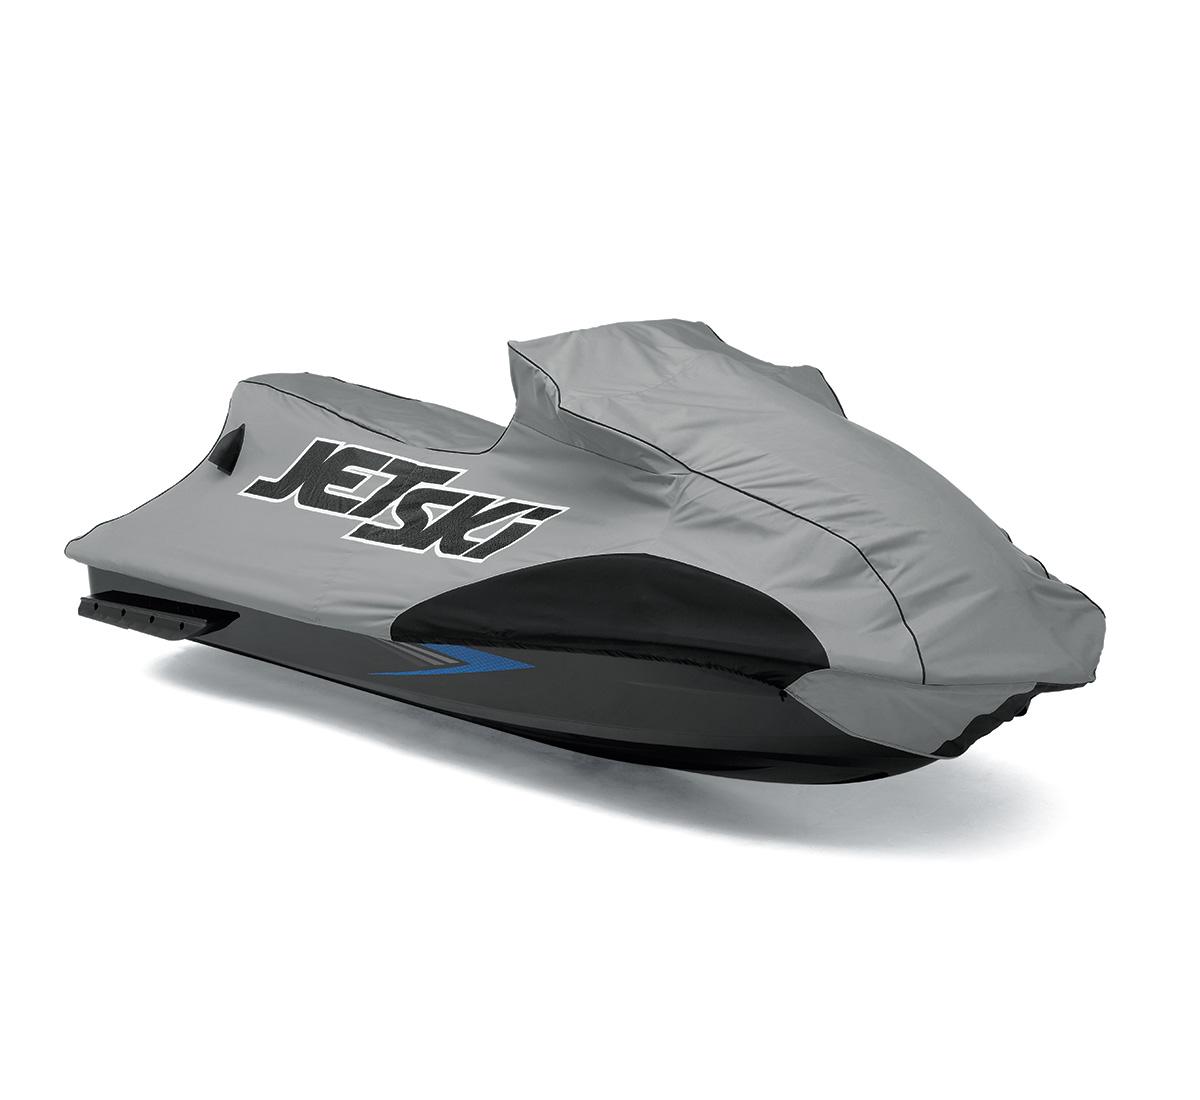 Kawasaki Jet Ski Ultra Lx Owners Manual